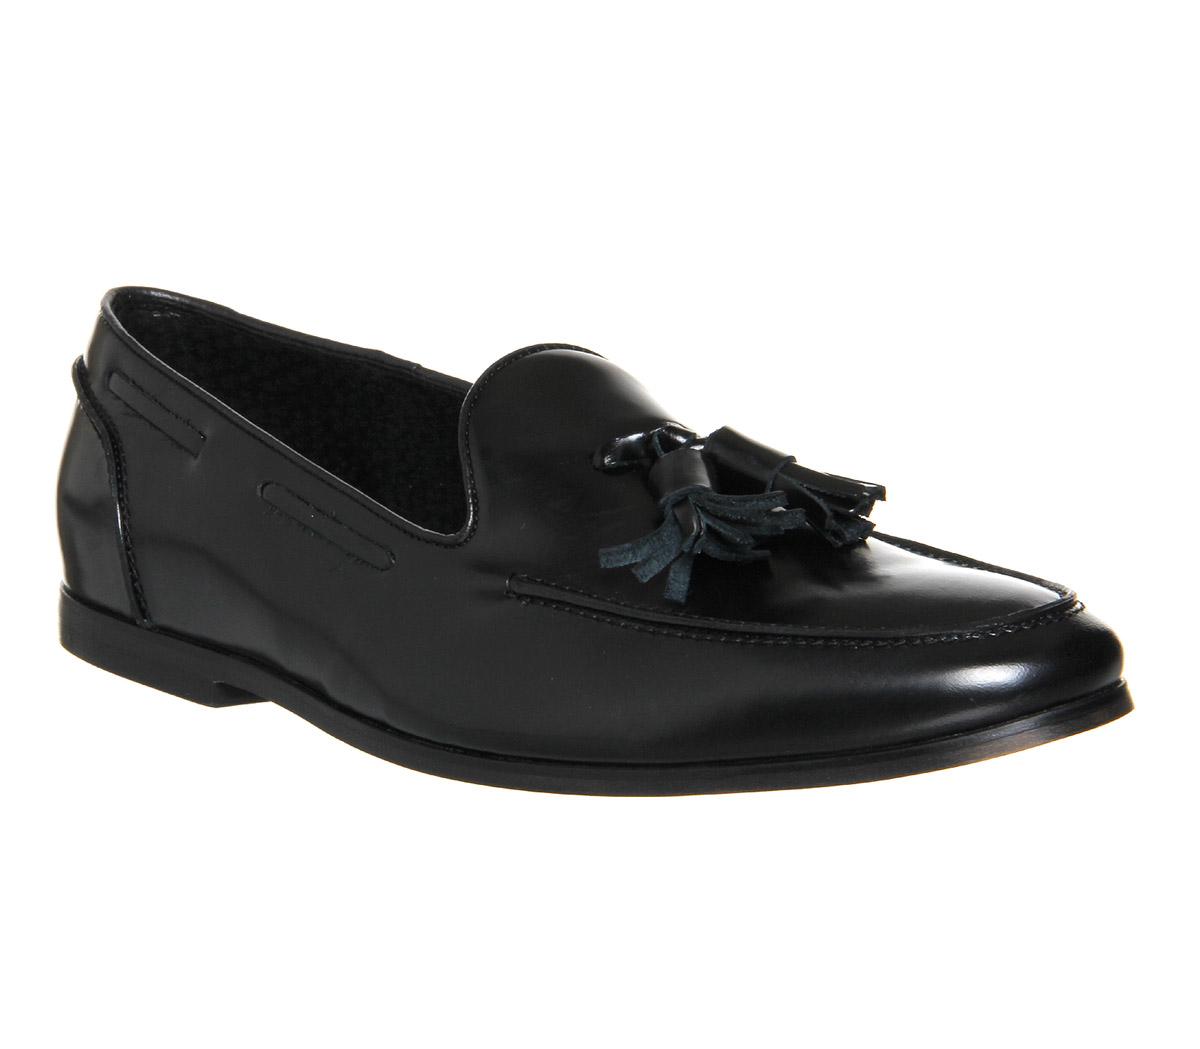 Black Formal Mens Shoes Uk